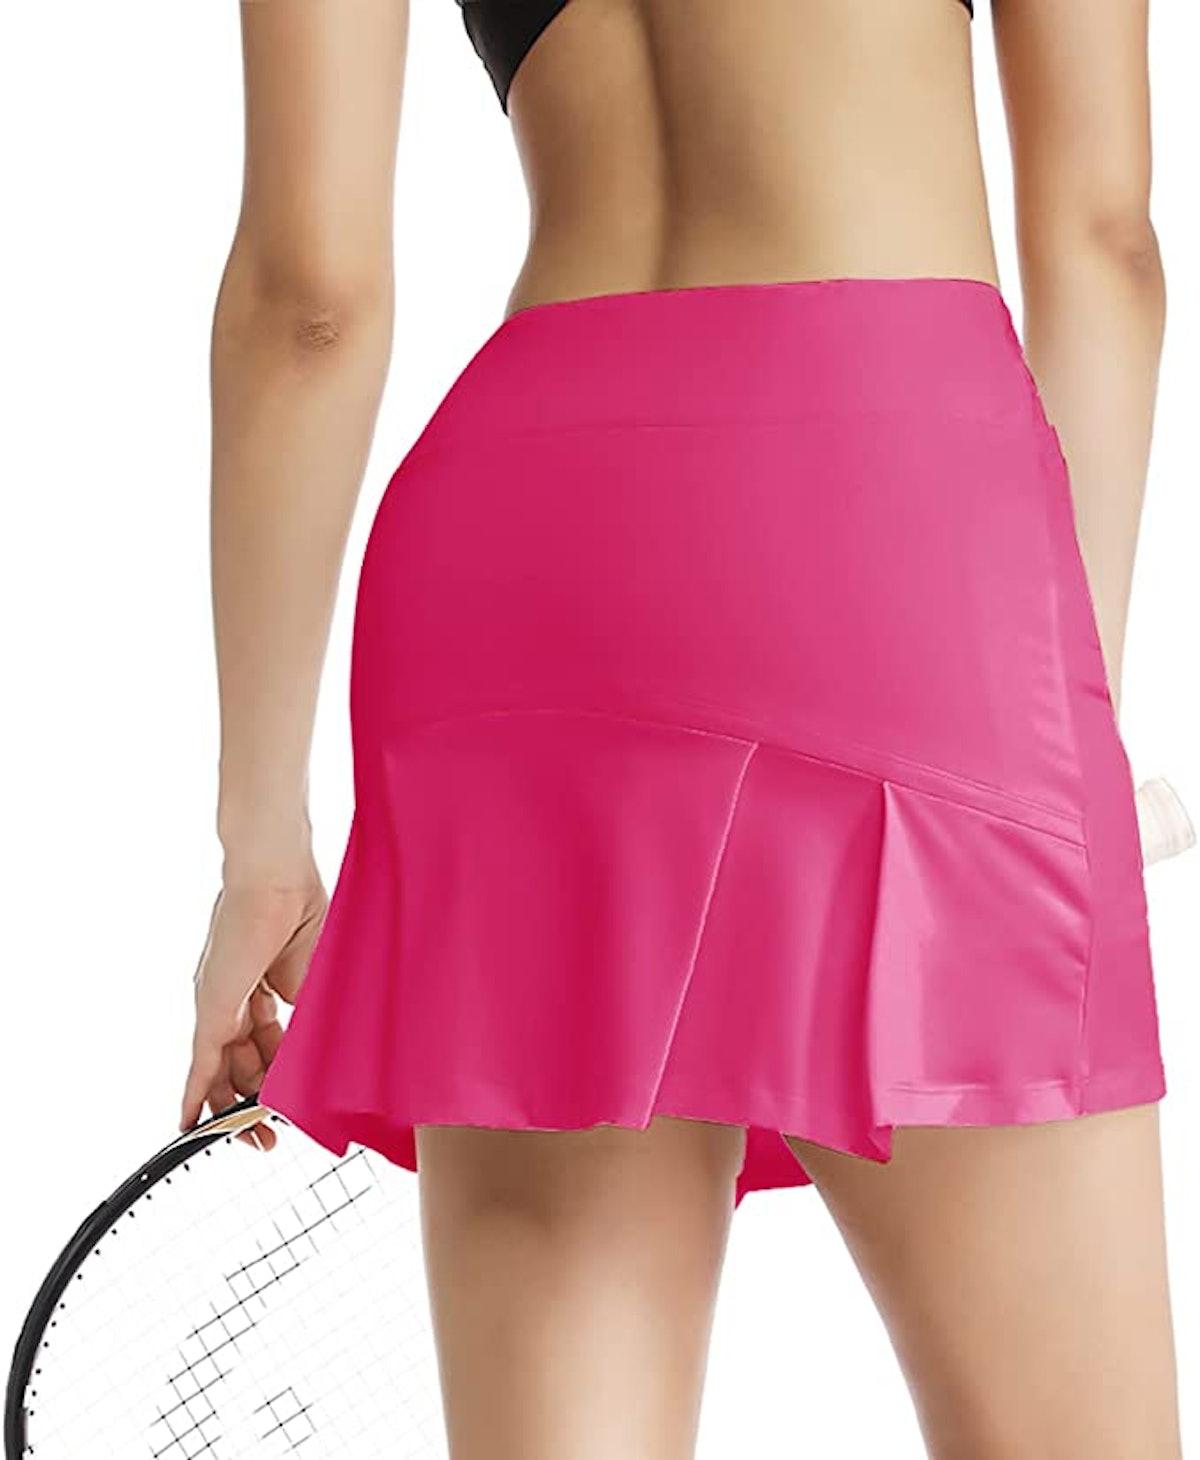 Ultrafun Active Pleated Tennis Skort